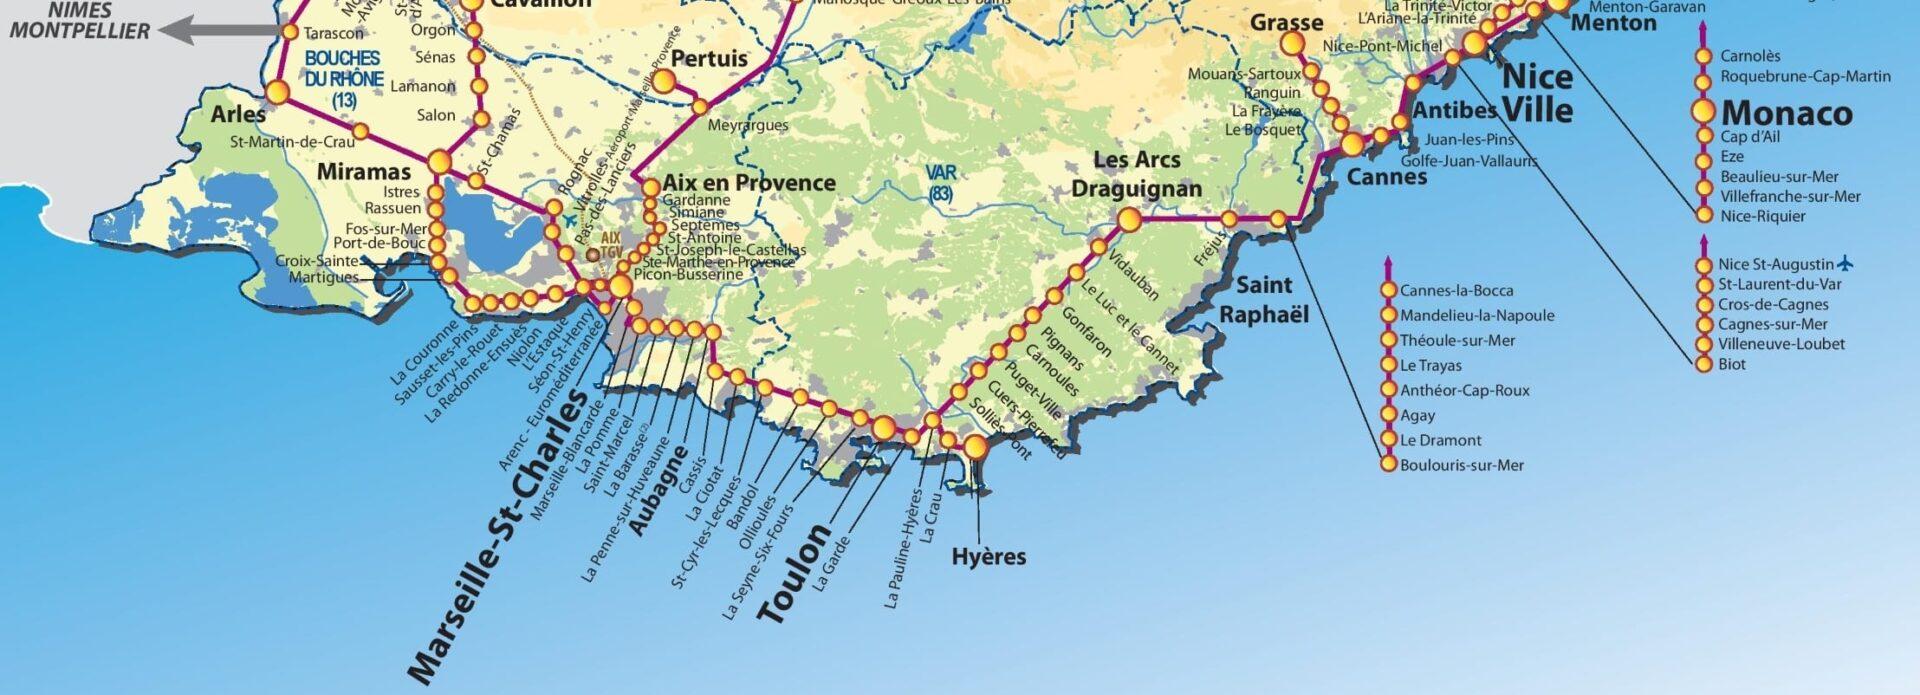 Франция и Монако, карта круиза на яхте